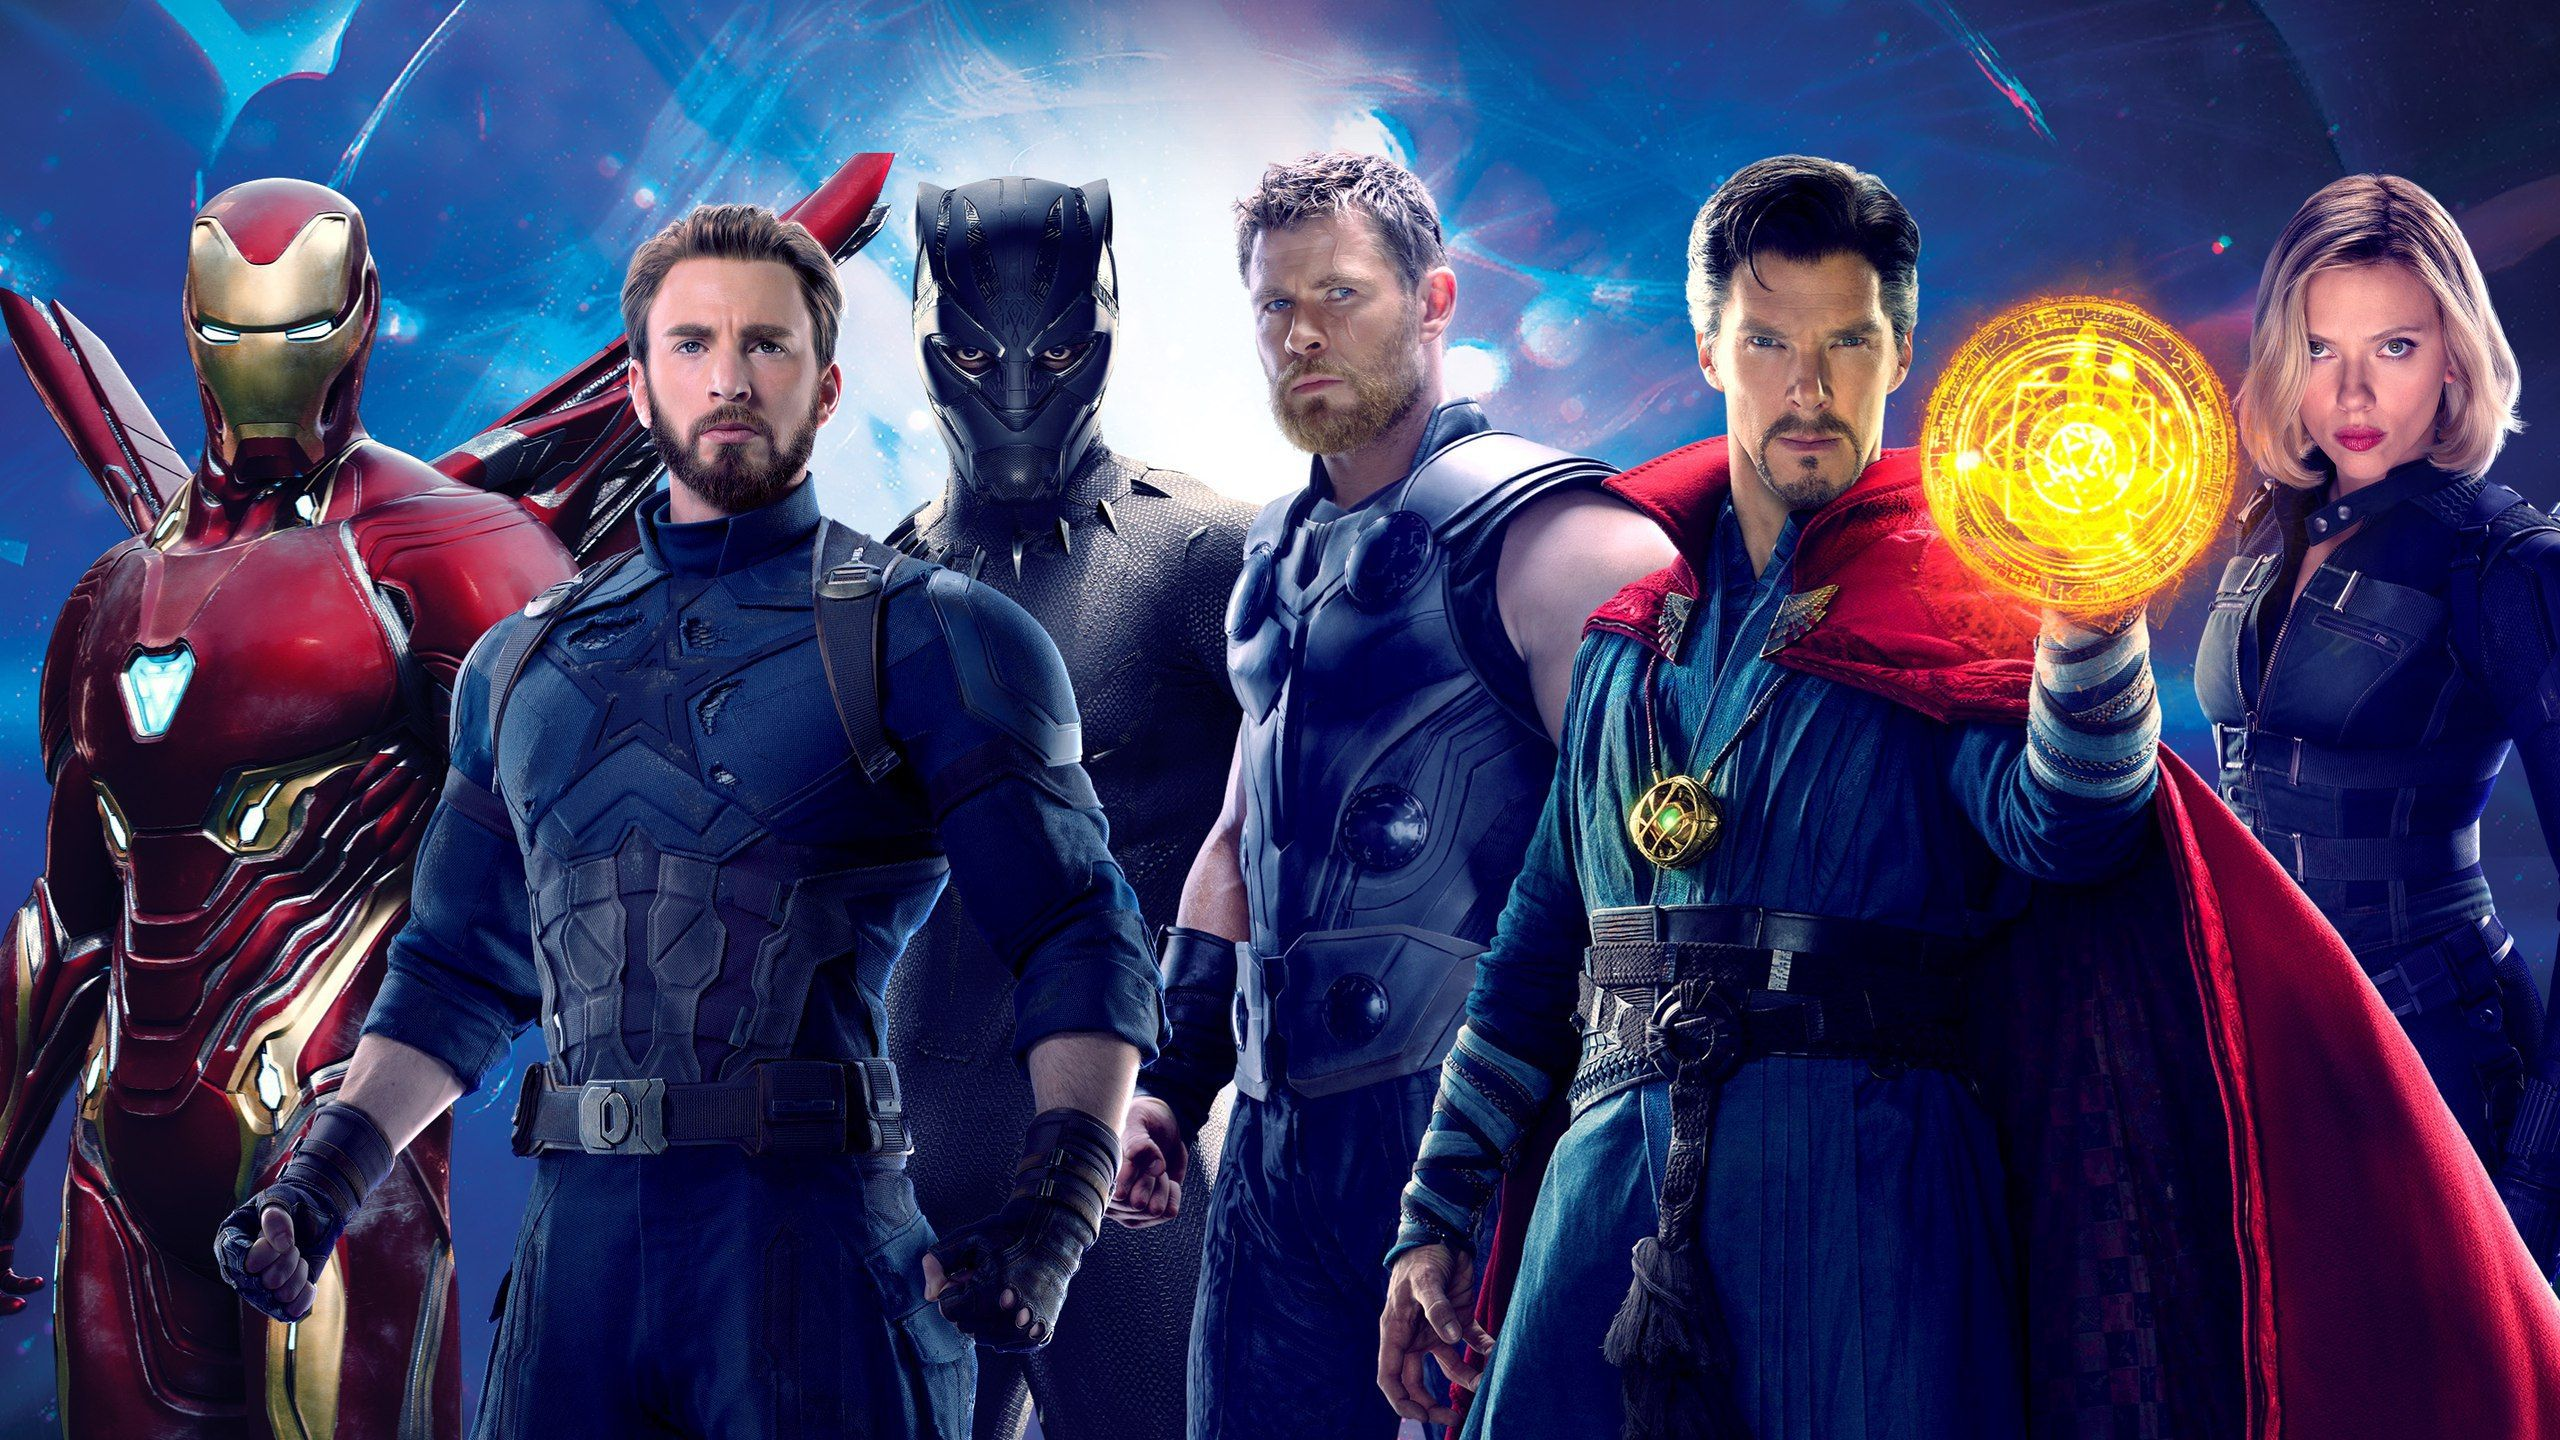 2018 Avengers Infinity War Hd Thor Wallpapers Scarlett Johansson Wallpapers Robert Downey Jr Wallpap Avengers Captain America Wallpaper Avengers Infinity War